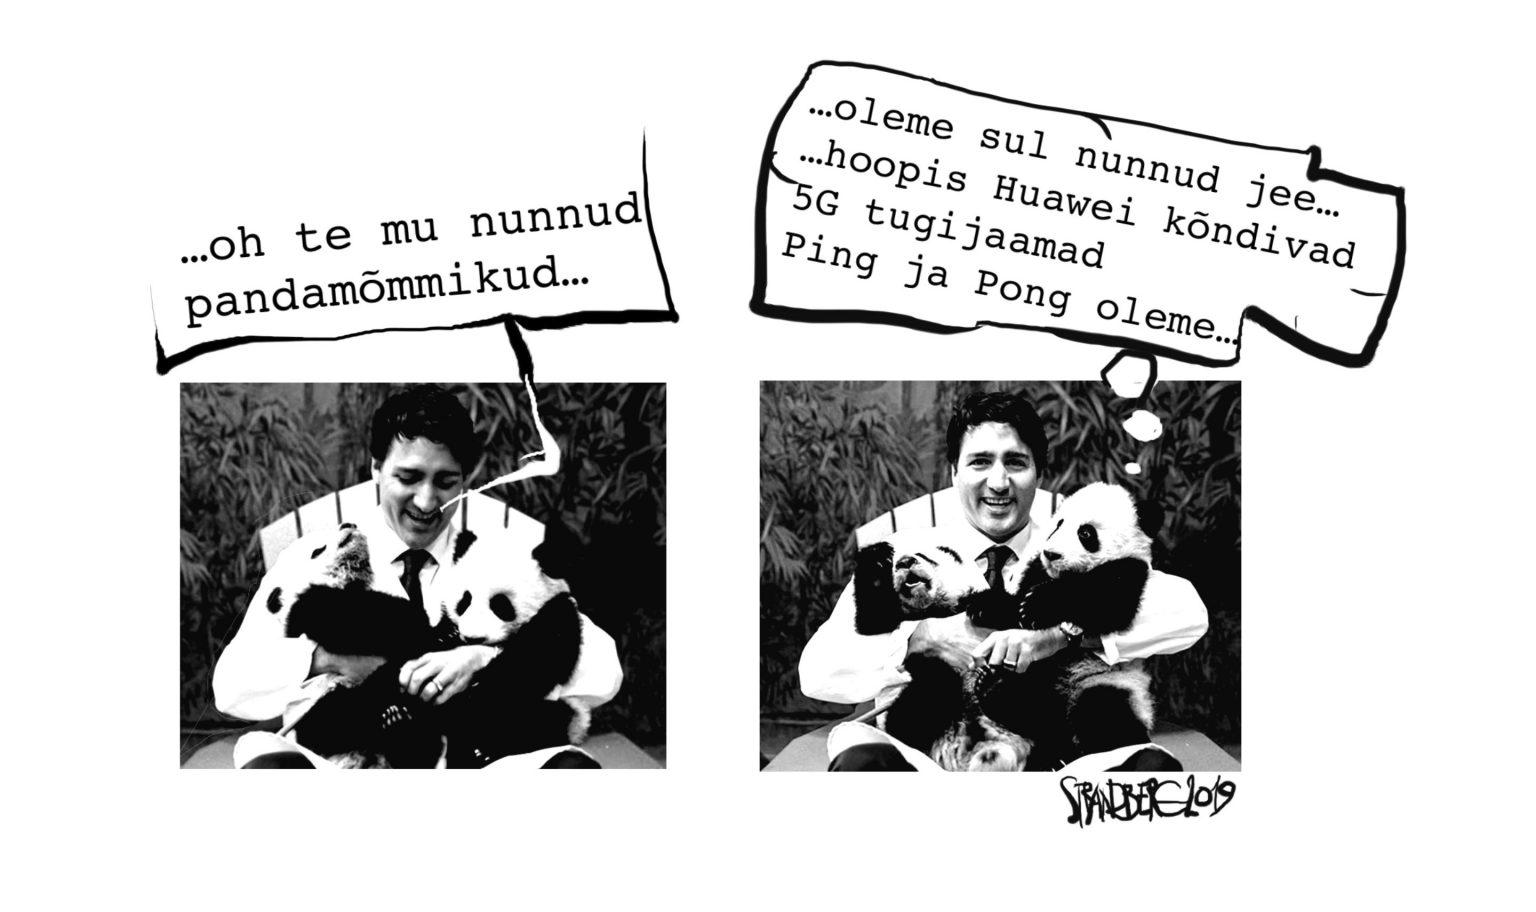 Karikatuur: Trudoo ja tugijaam